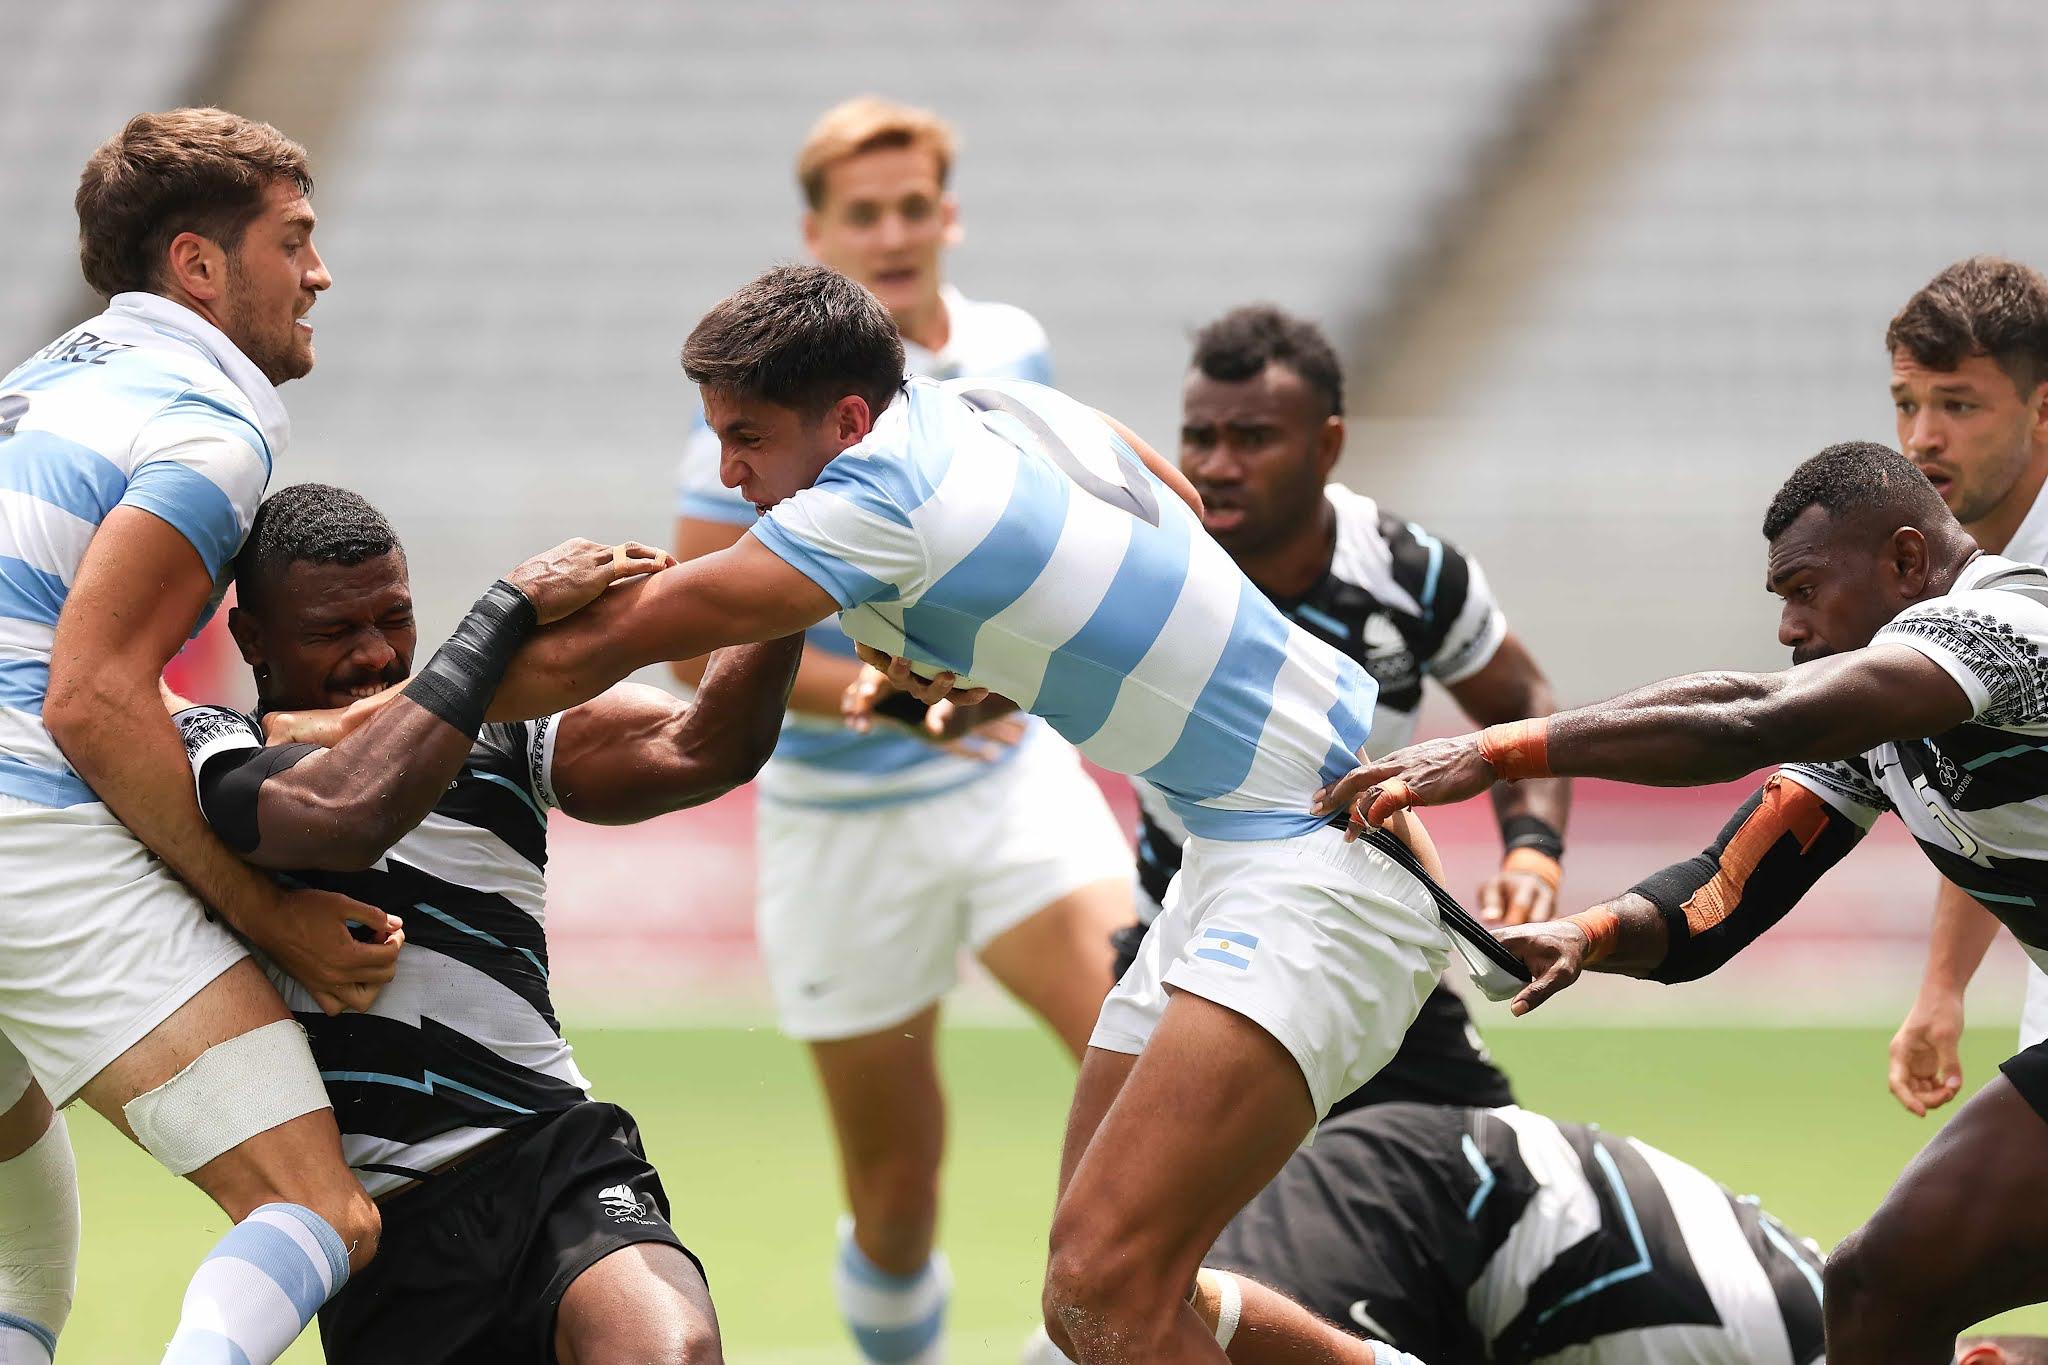 Los Pumas 7 pierden con Islas Fiji en semifinales y jugarán por el bronce en Tokio